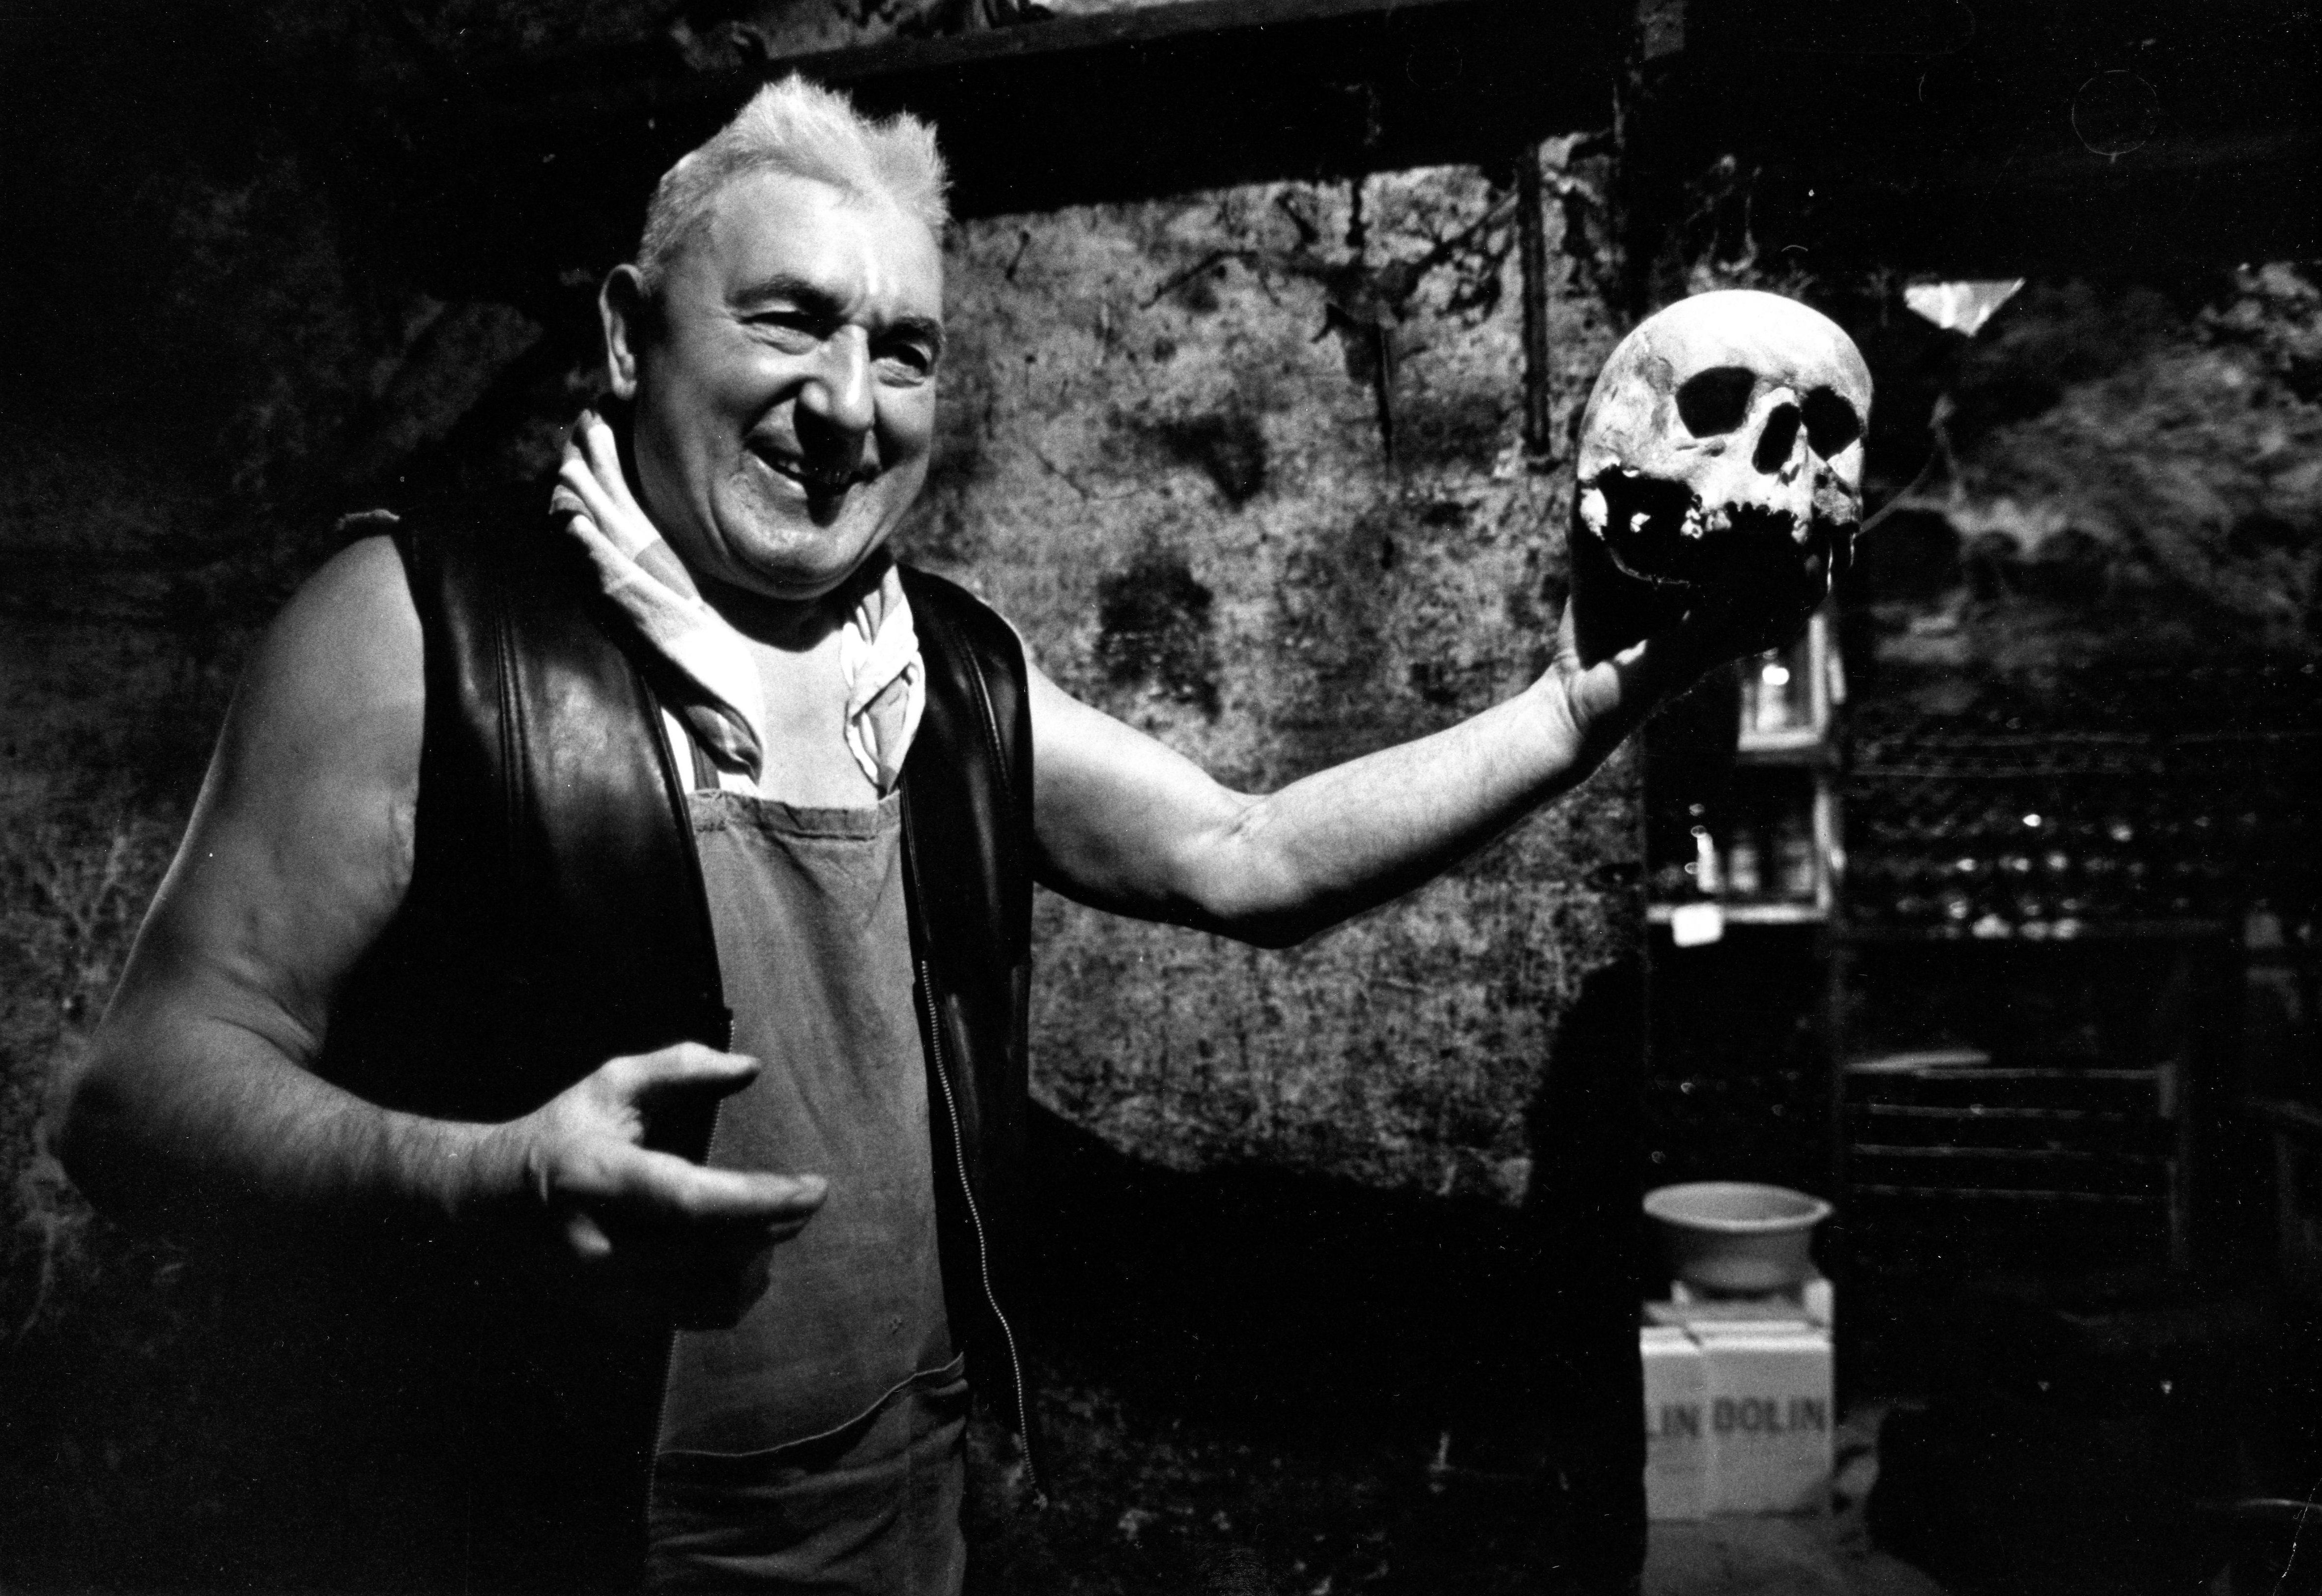 1979. Жан Сеттур, владелец бара, в подвале которого он хранил вино вместе со старыми костями, найденными на кладбище Невинных